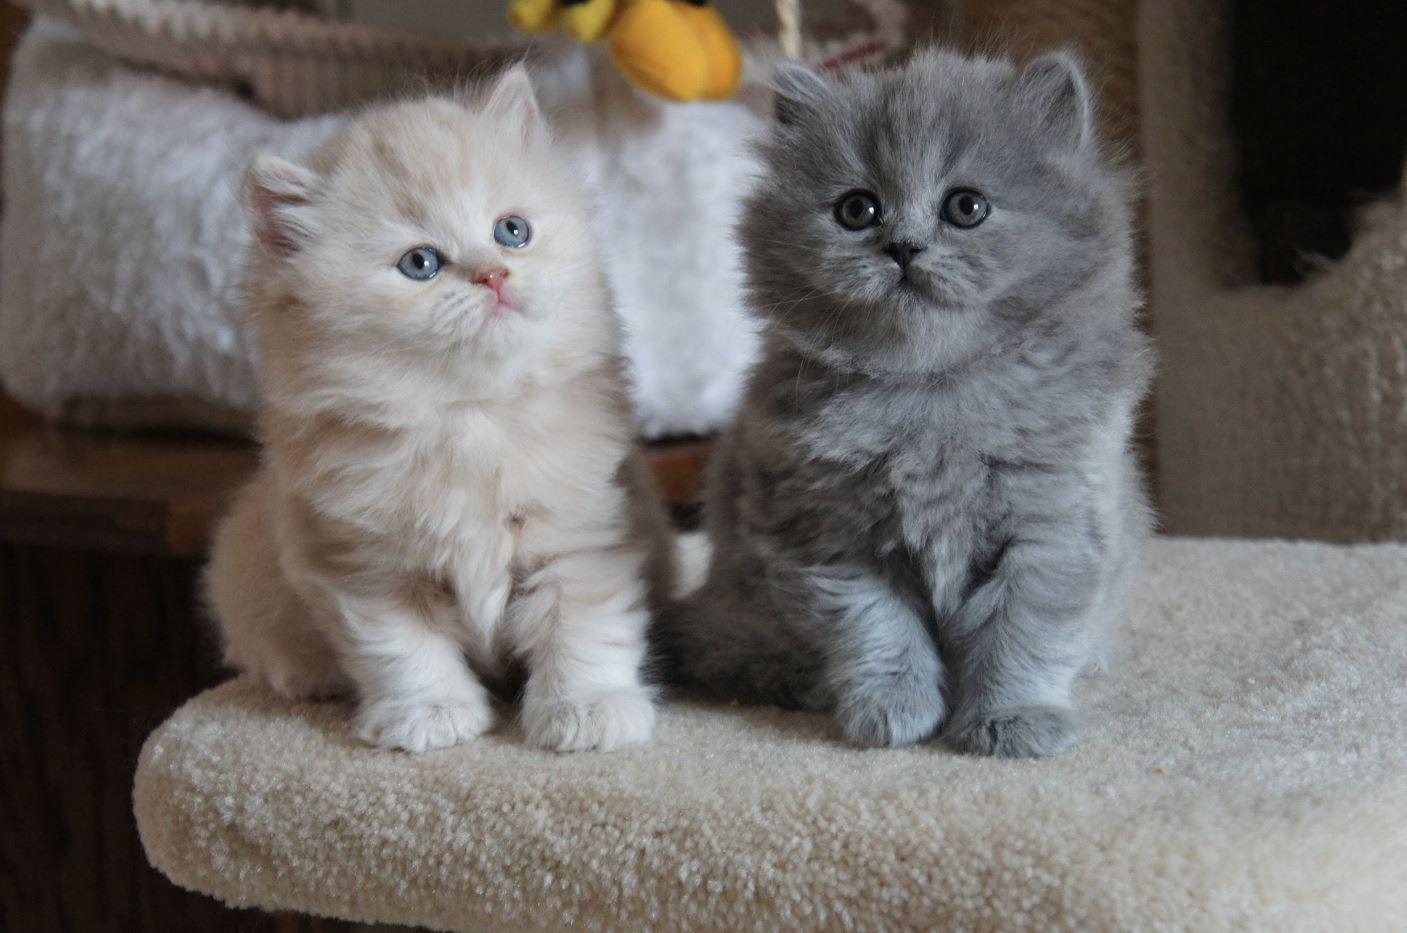 Các bé mèo con luôn mang tới sự dễ thương khó cưỡng